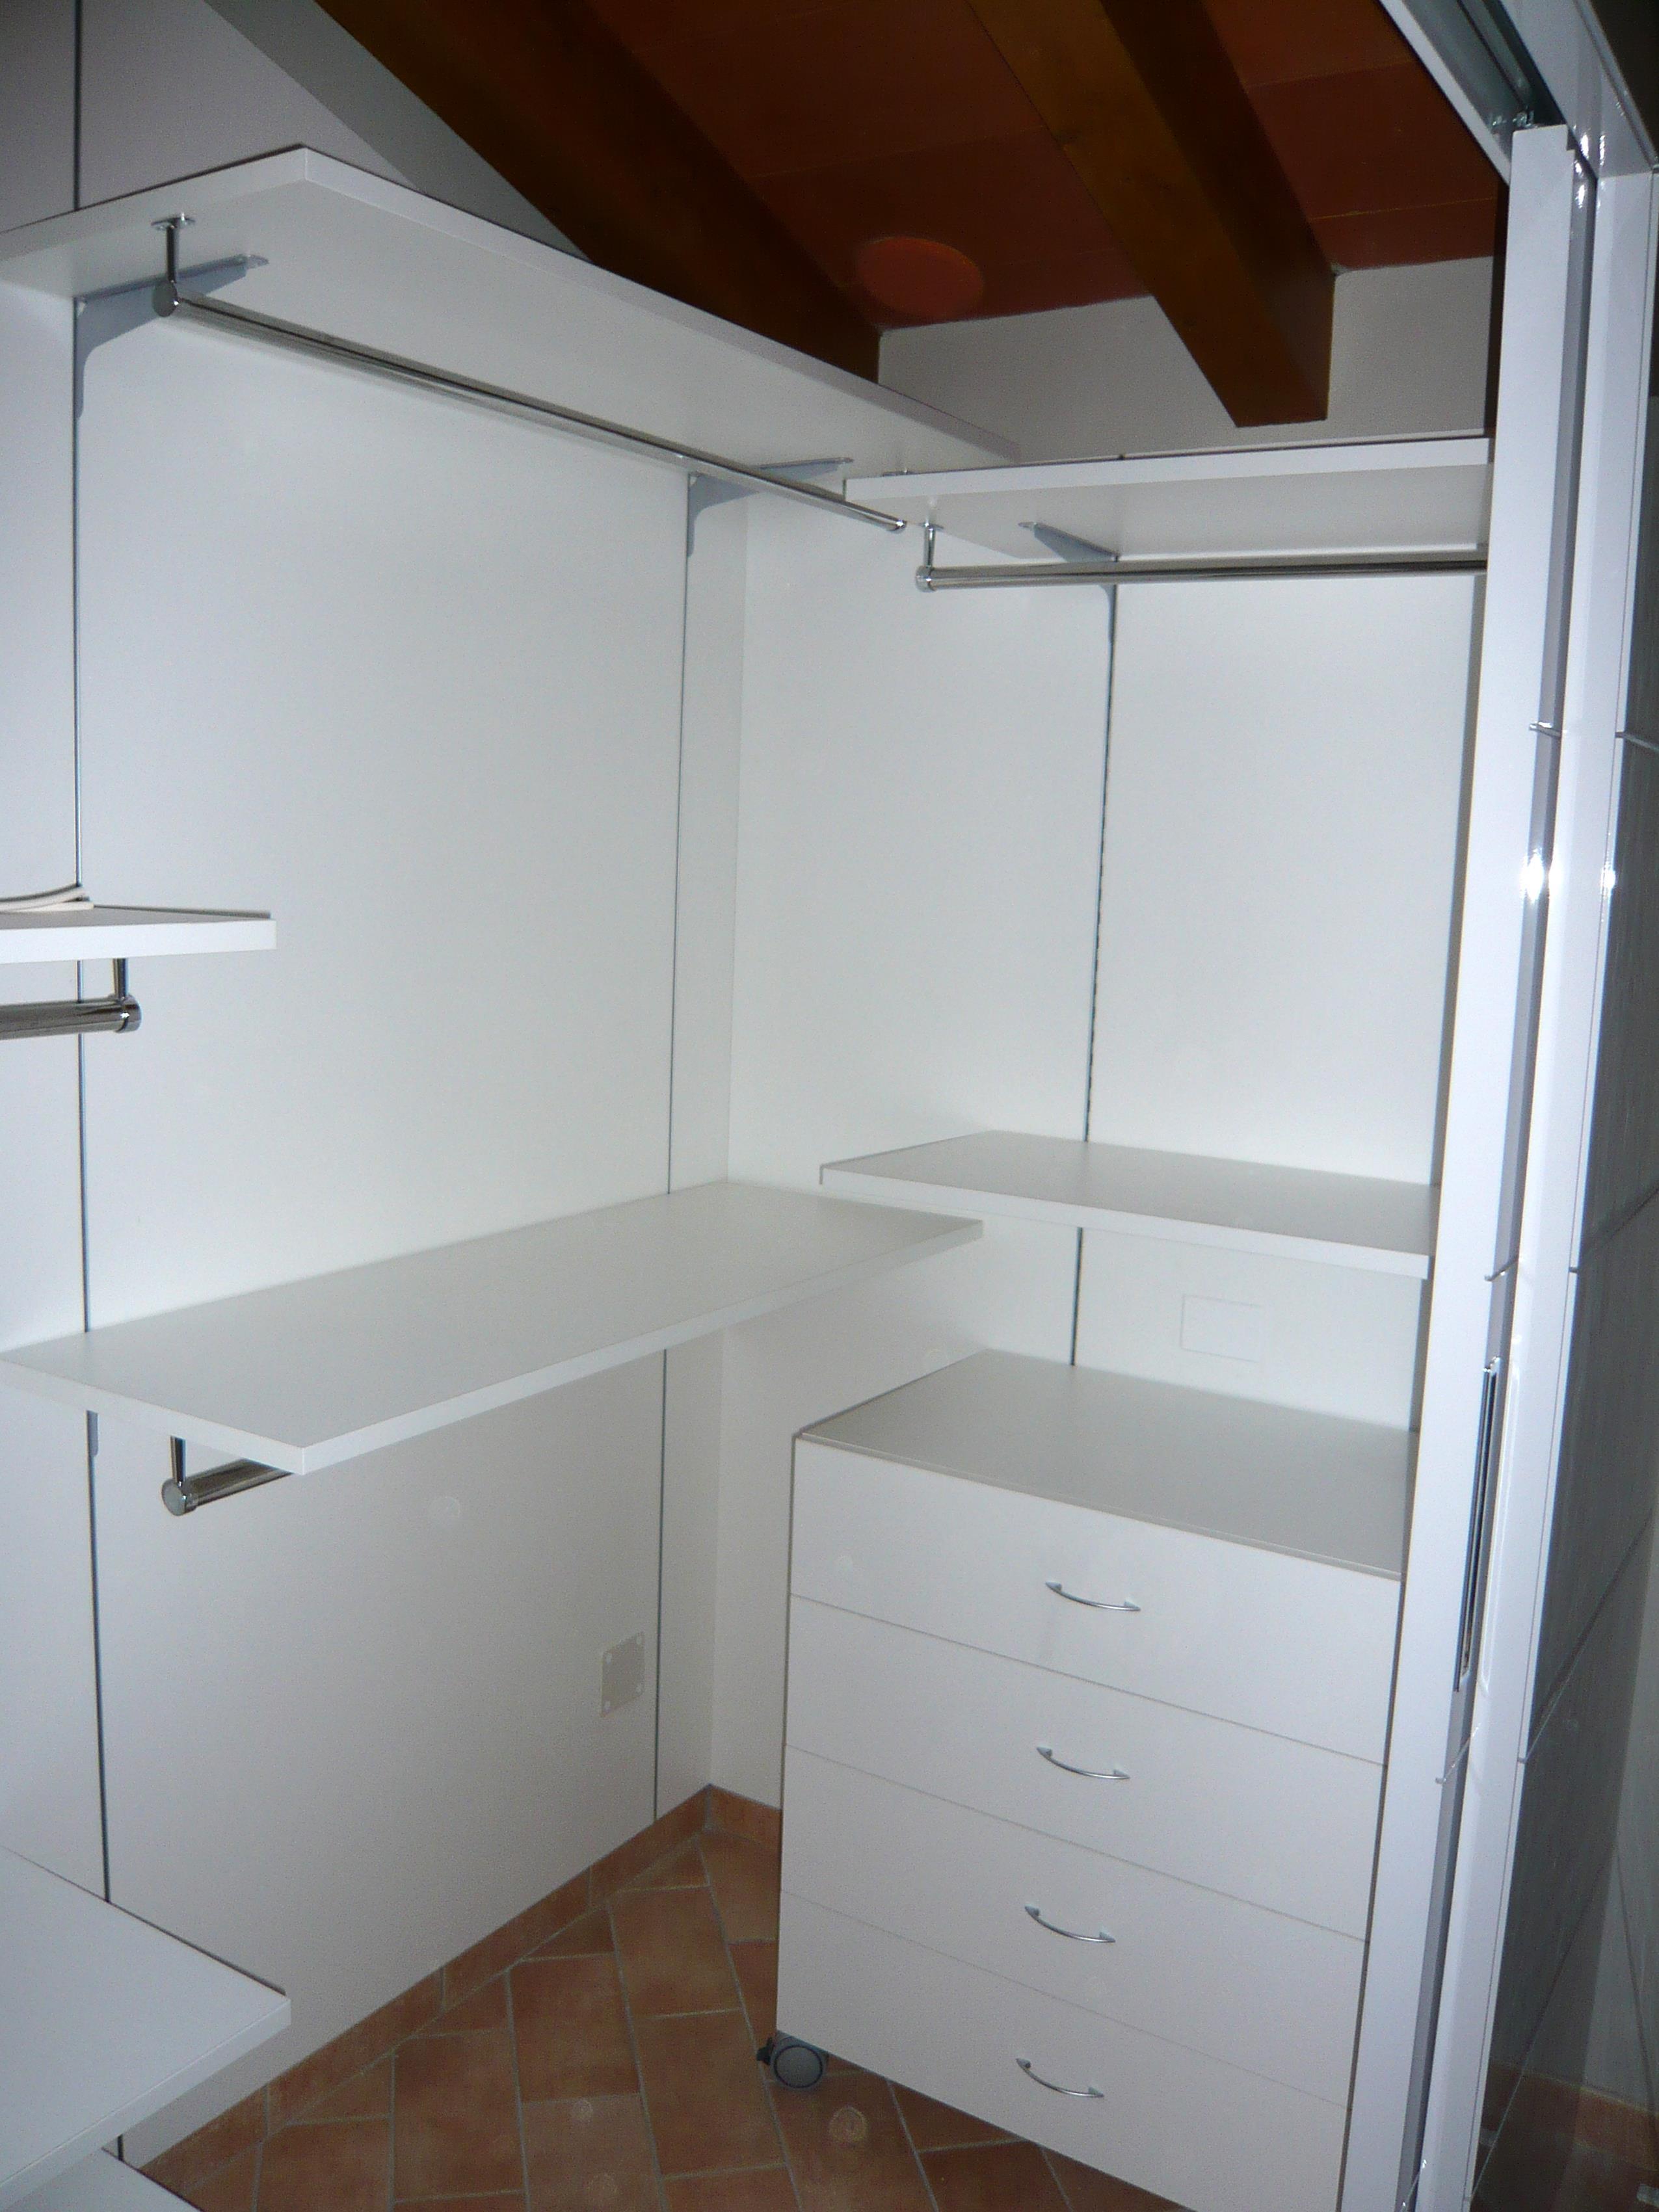 Cabine armadio for Armadi camere da letto prezzi